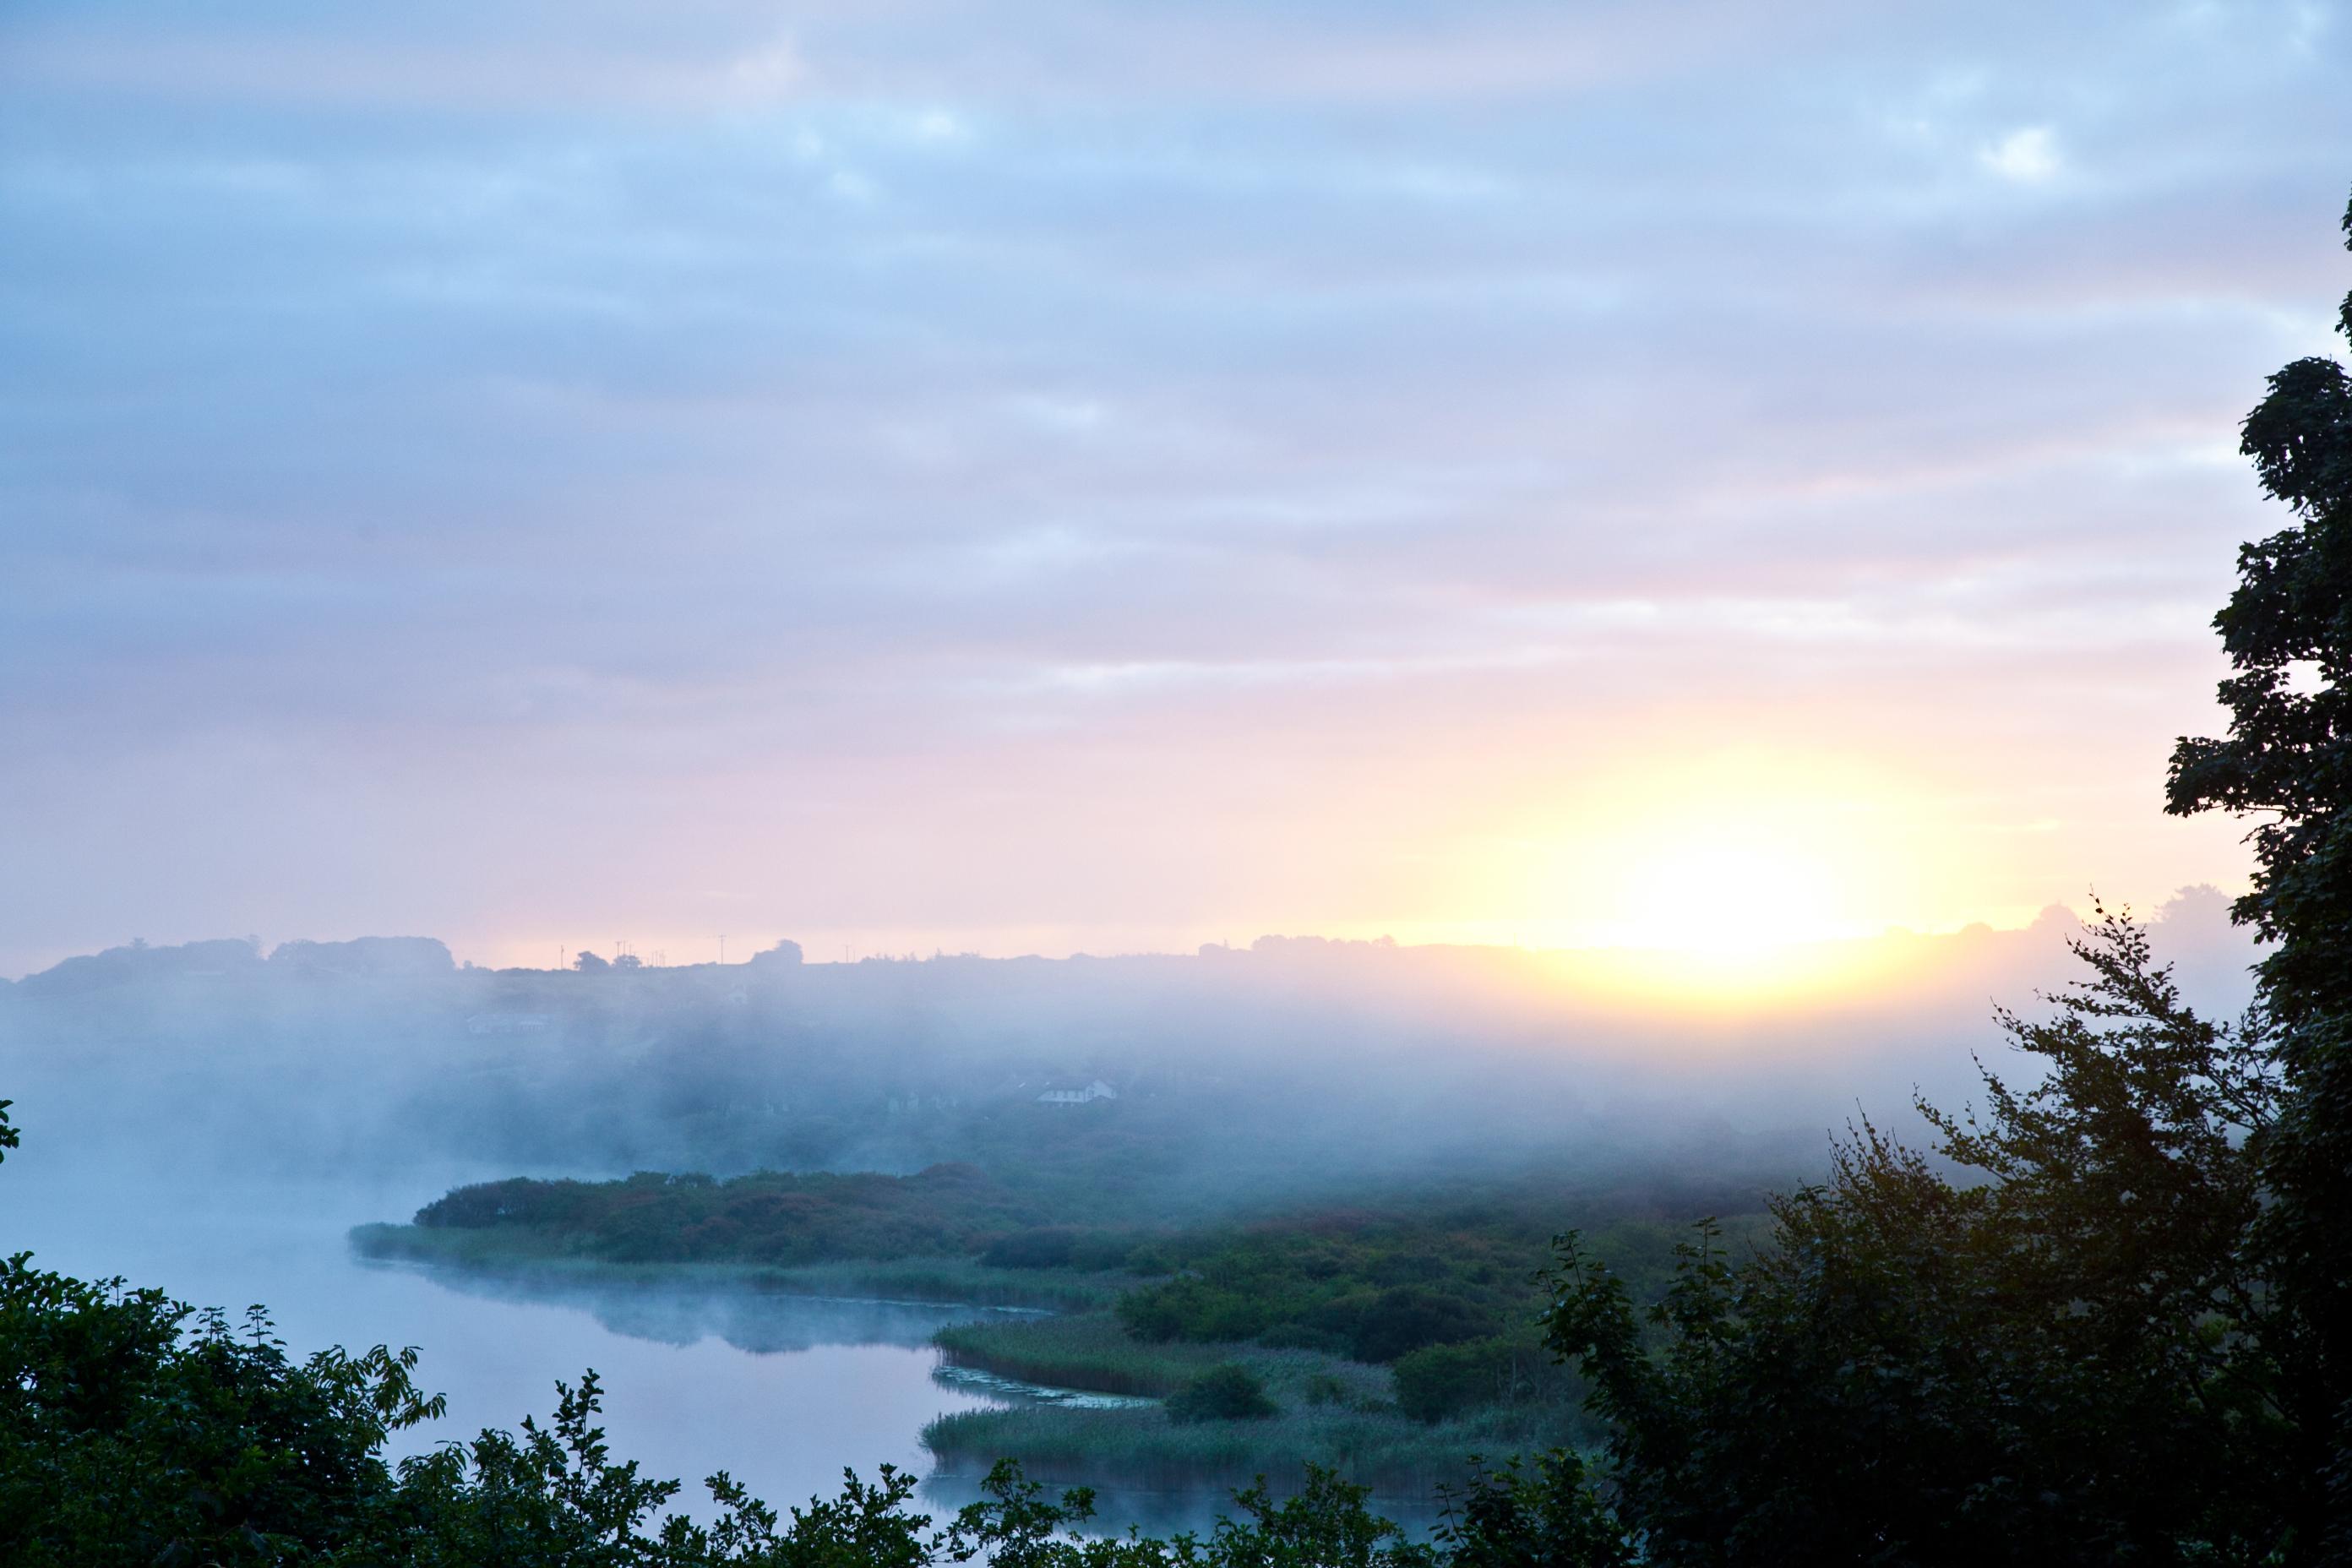 Irland Sonnenaufgang